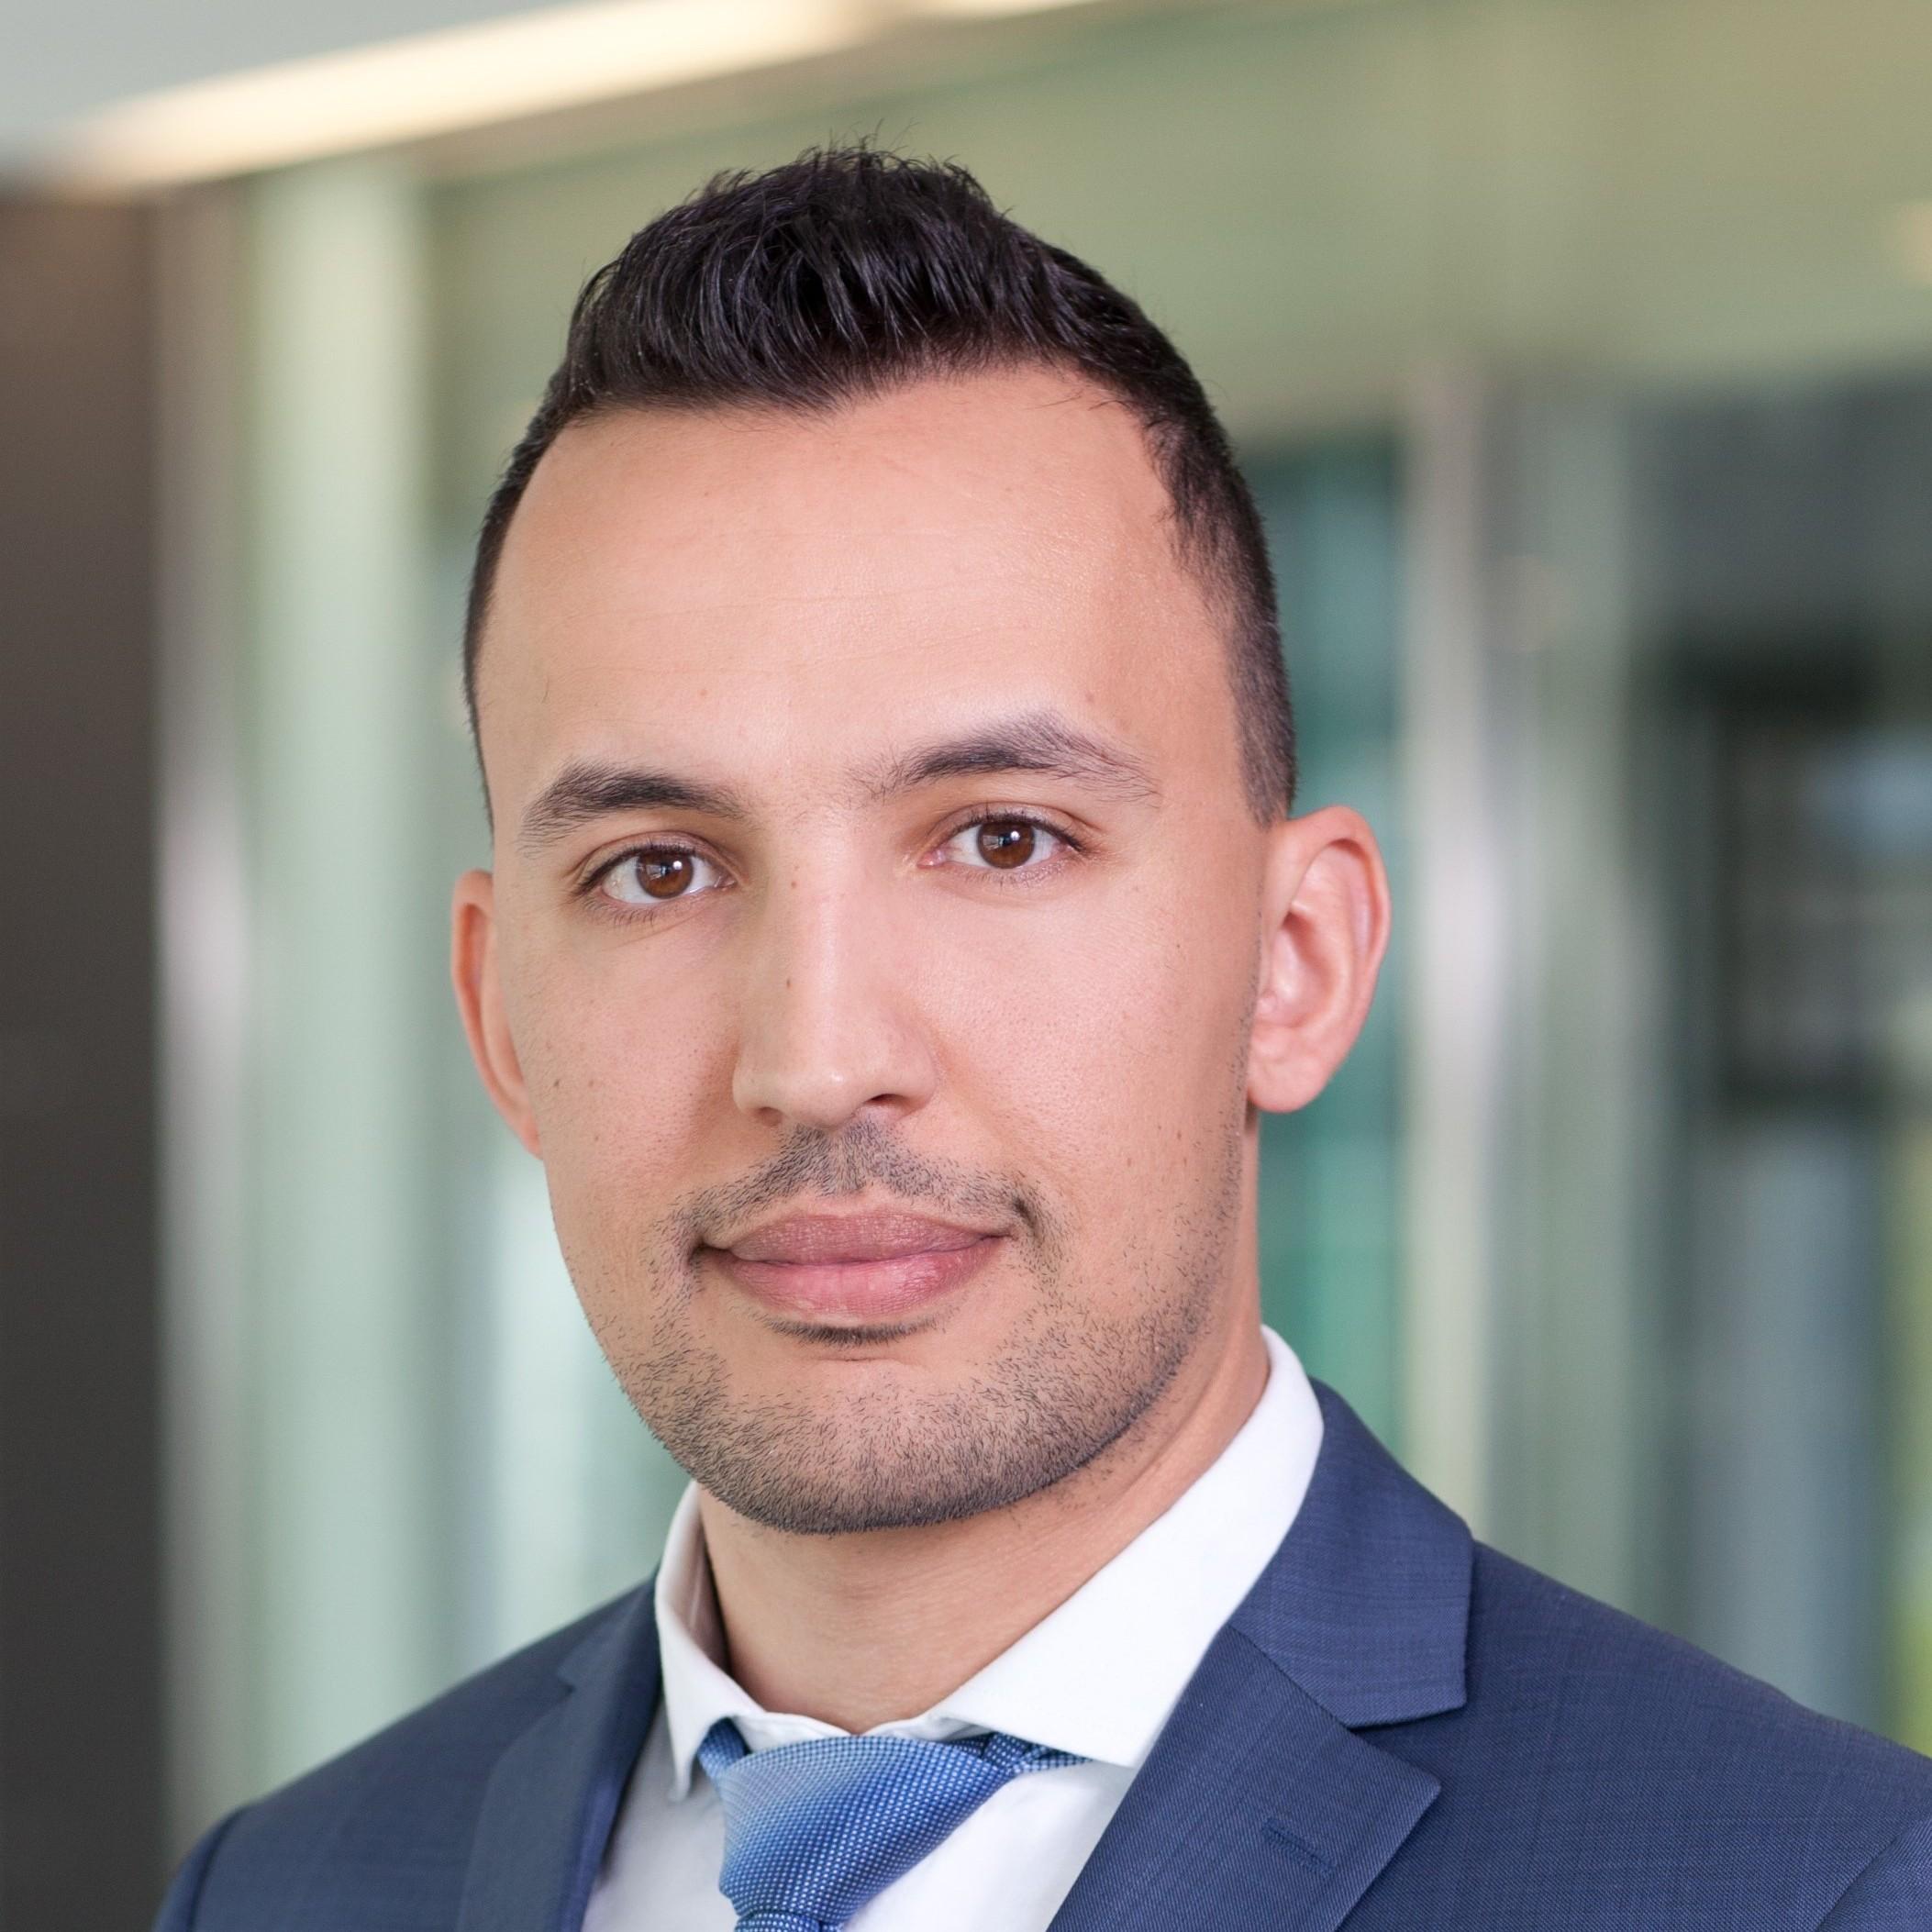 Dr. Ahmad Saad, The MathWorks